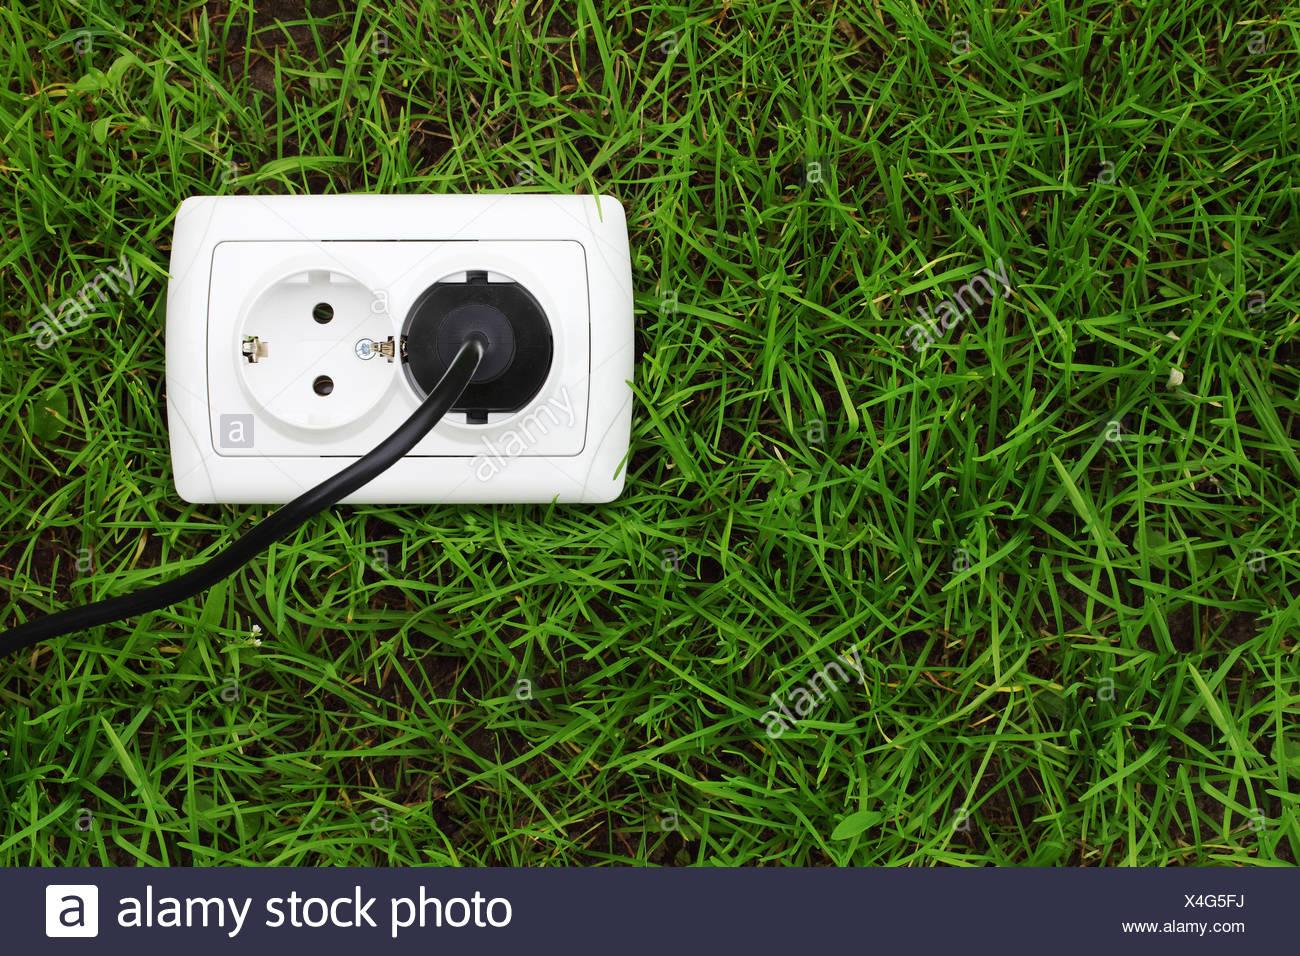 Prise d'alimentation électrique sur un fond d'herbe verte Photo Stock